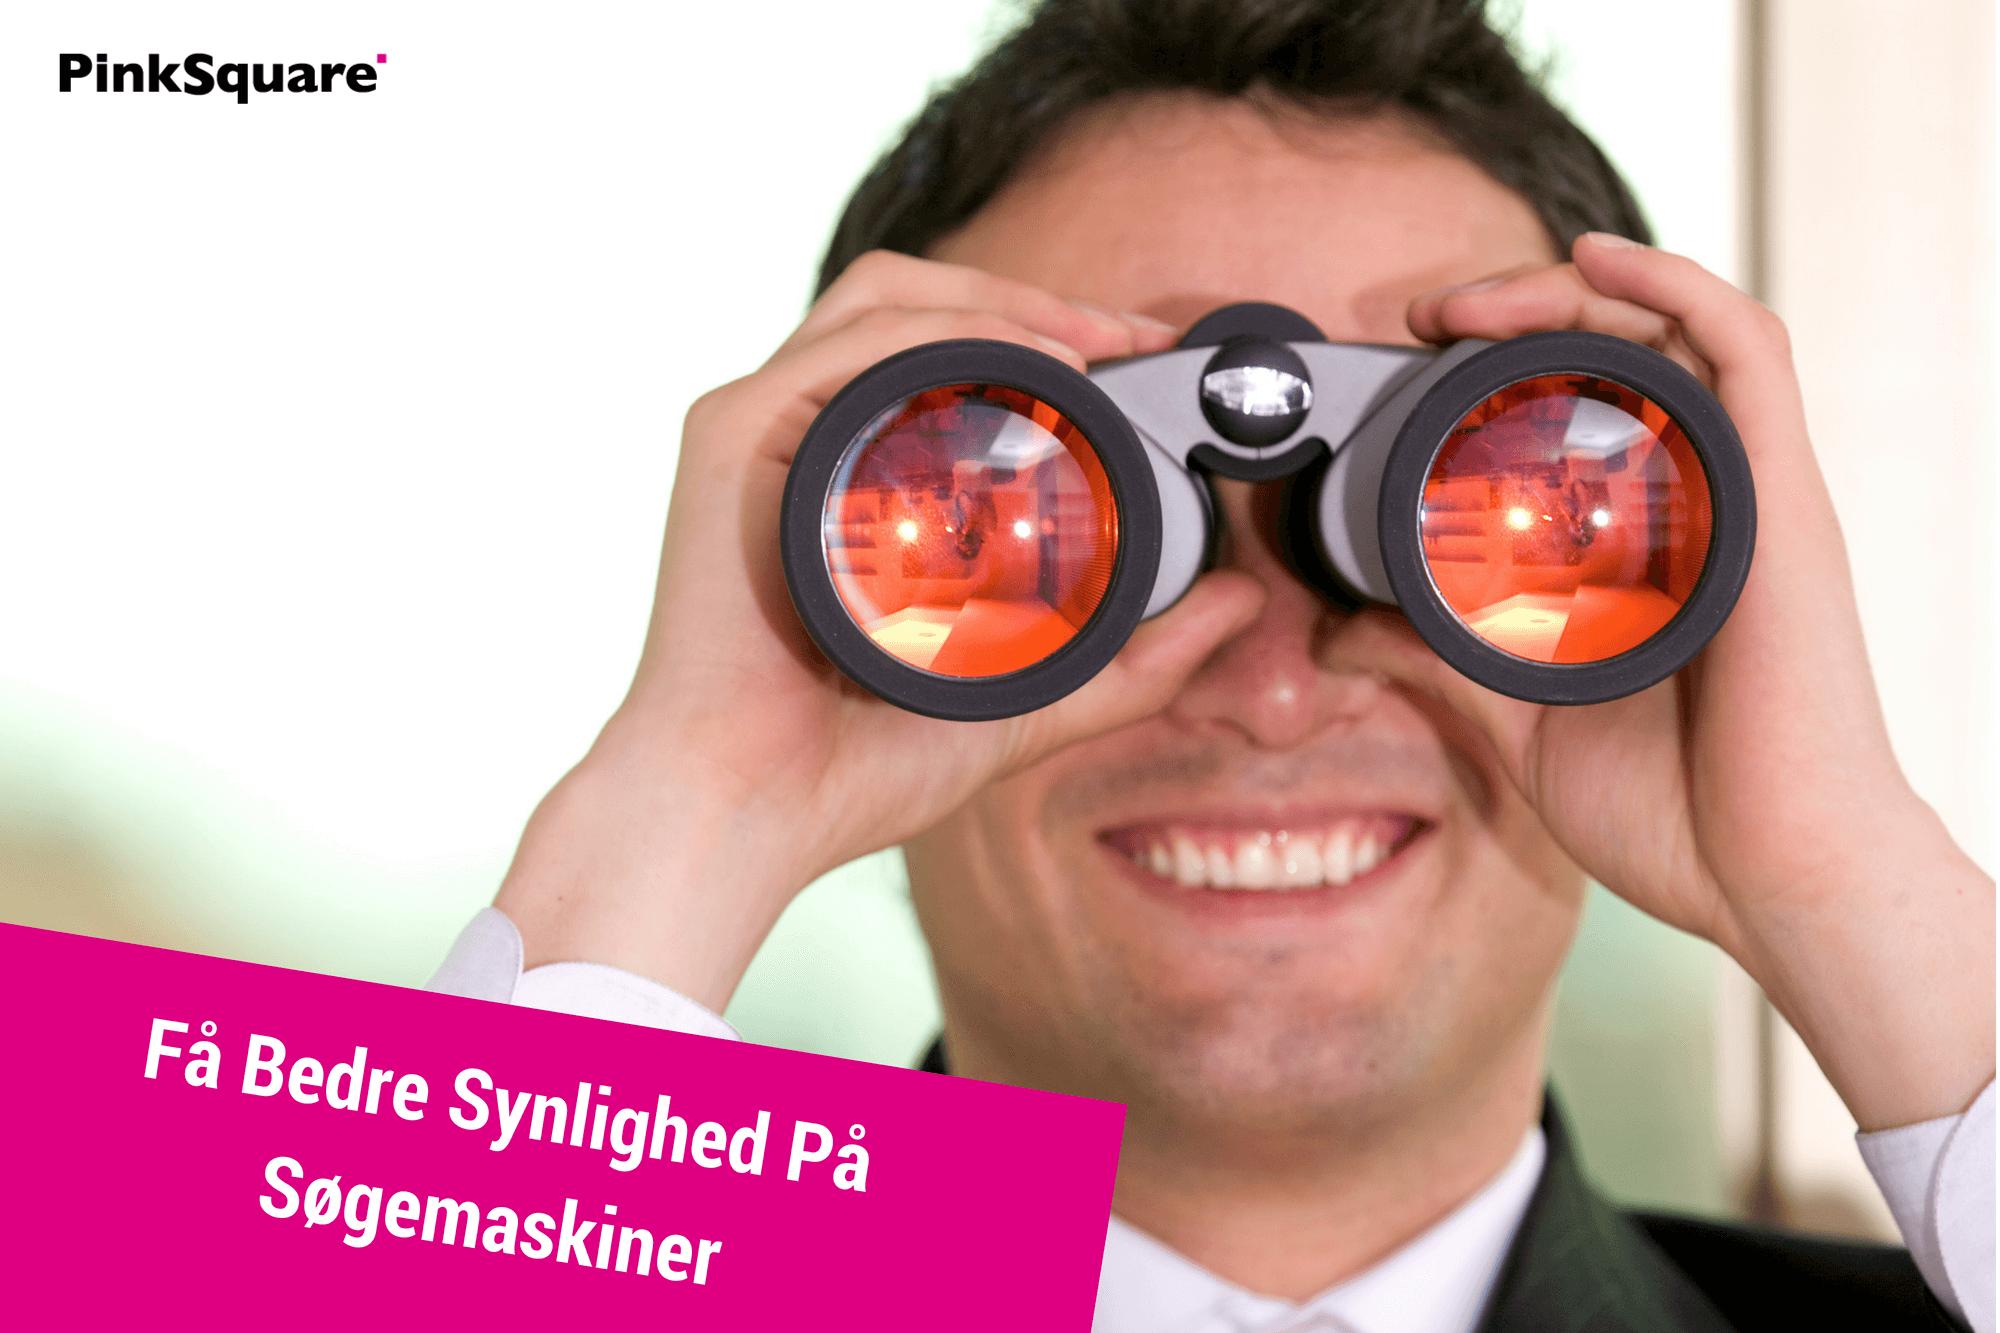 mand med kikkert, der får bedre synlighed på søgemaskiner med 3D animation